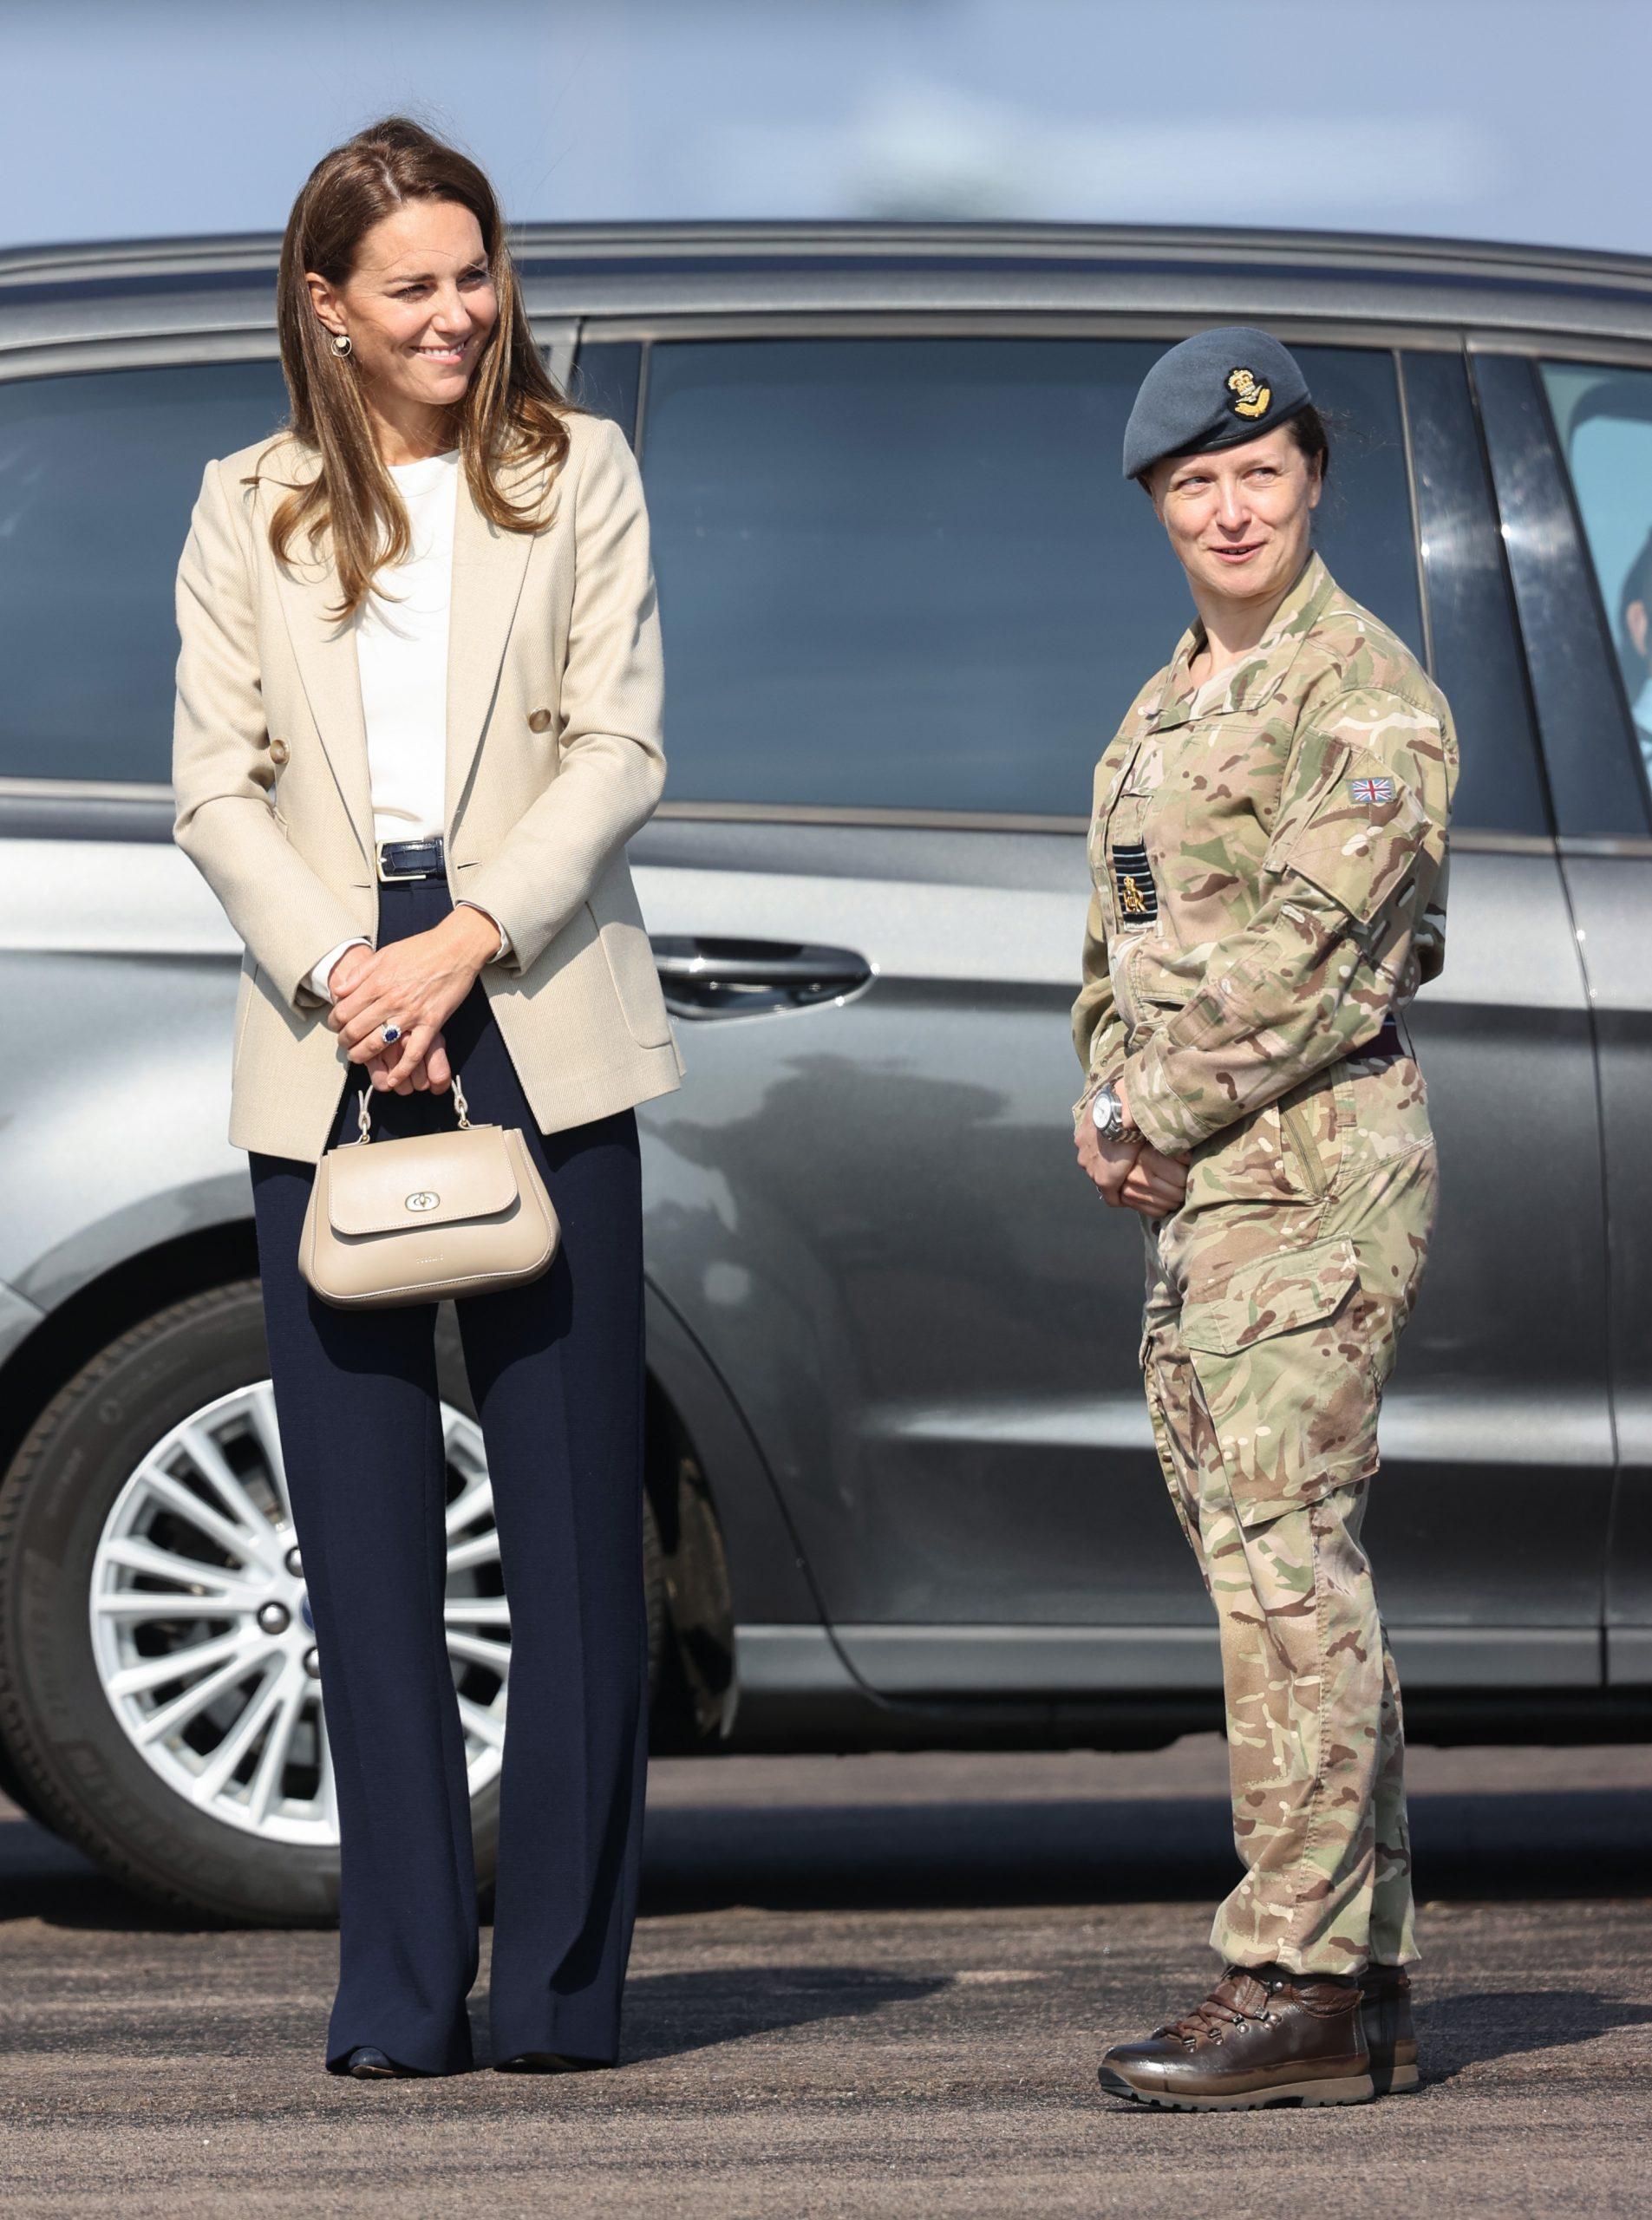 Tenue de Kate Middleton à BRIZE NORTON, ANGLETERRE - 15 SEPTEMBRE : Catherine, duchesse de Cambridge, arrive pour rencontrer ceux qui ont soutenu l'évacuation des civils d'Afghanistan par le Royaume-Uni, à la RAF Brize Norton, le 15 septembre 2021 à Brize Norton, en Angleterre. L'opération PITTING, la plus grande opération d'aide humanitaire depuis plus de 70 ans, s'est déroulée du 14 au 28 août, où plus de 15 000 personnes ont été évacuées de Kaboul par la Royal Air Force. (Photo par Chris Jackson/Getty Images)